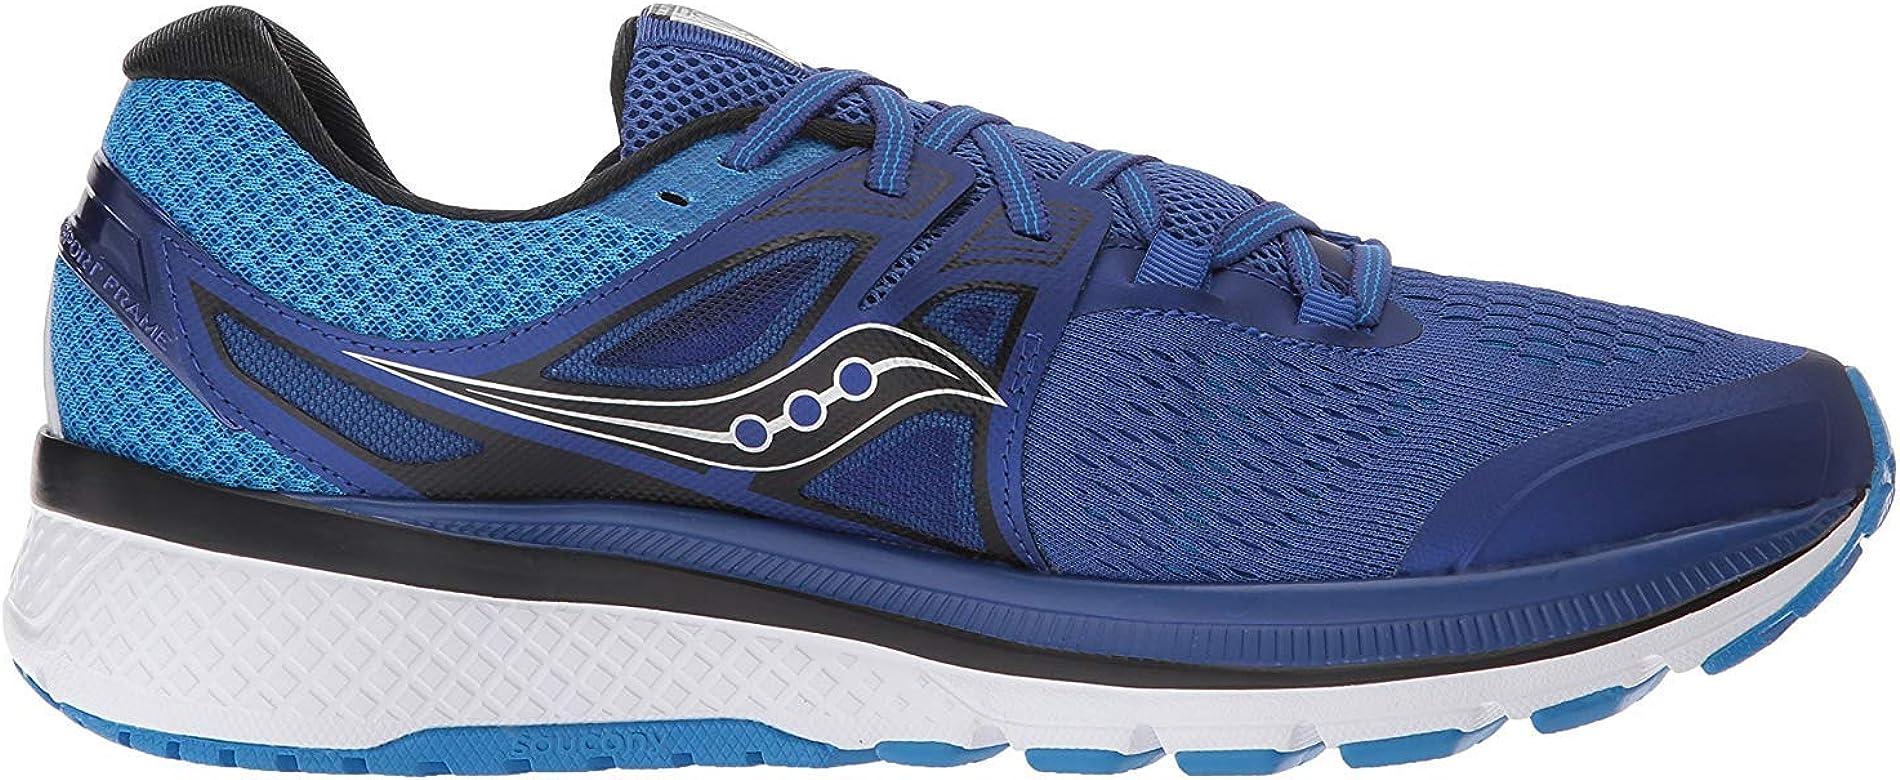 Saucony Triumph Iso 3 Zapatillas de correr para hombre, color Azul, talla 43 EU: Amazon.es: Zapatos y complementos